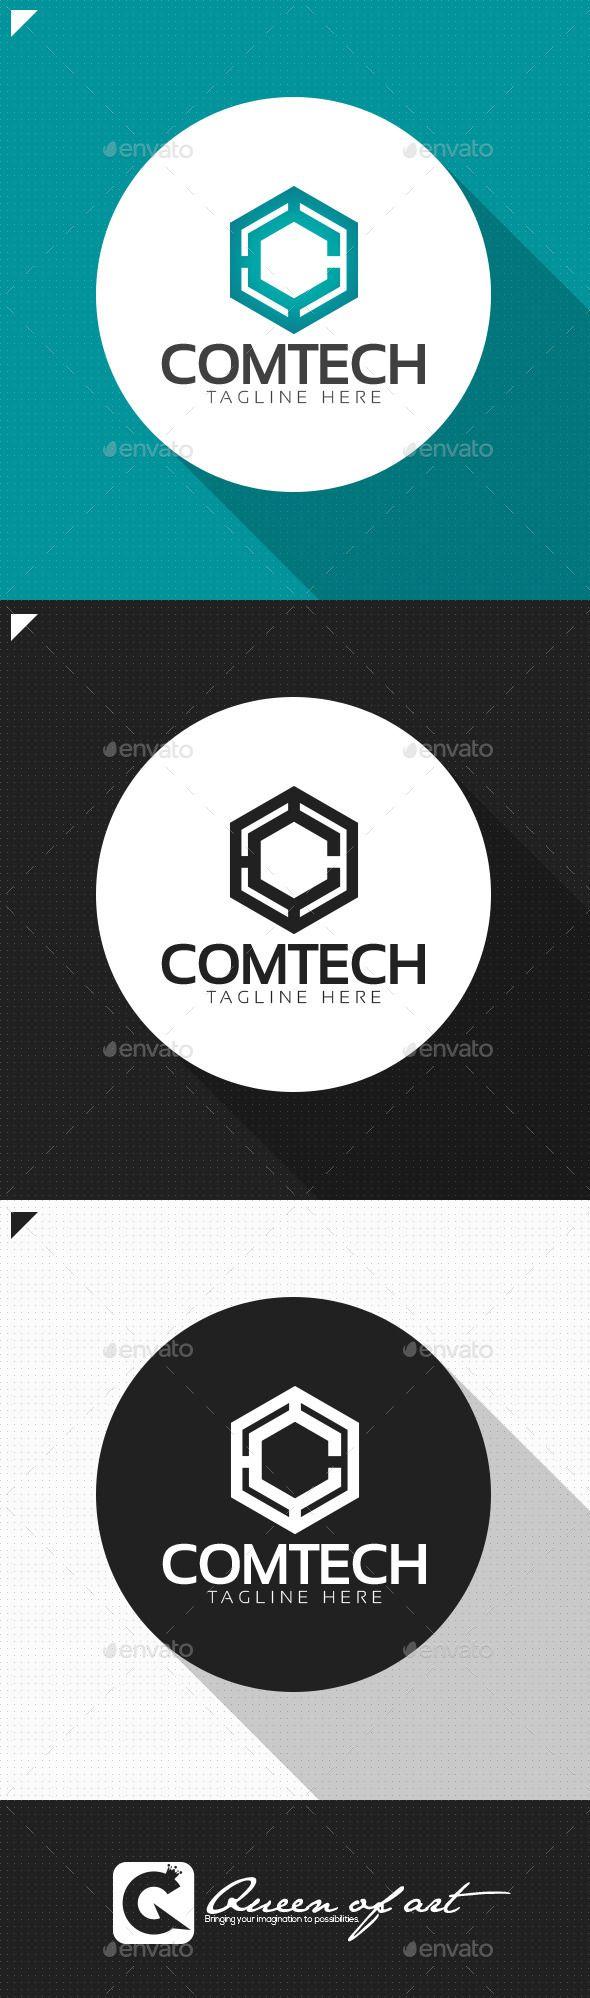 Comtech Logo Logo design template, Logos, Logo design trends